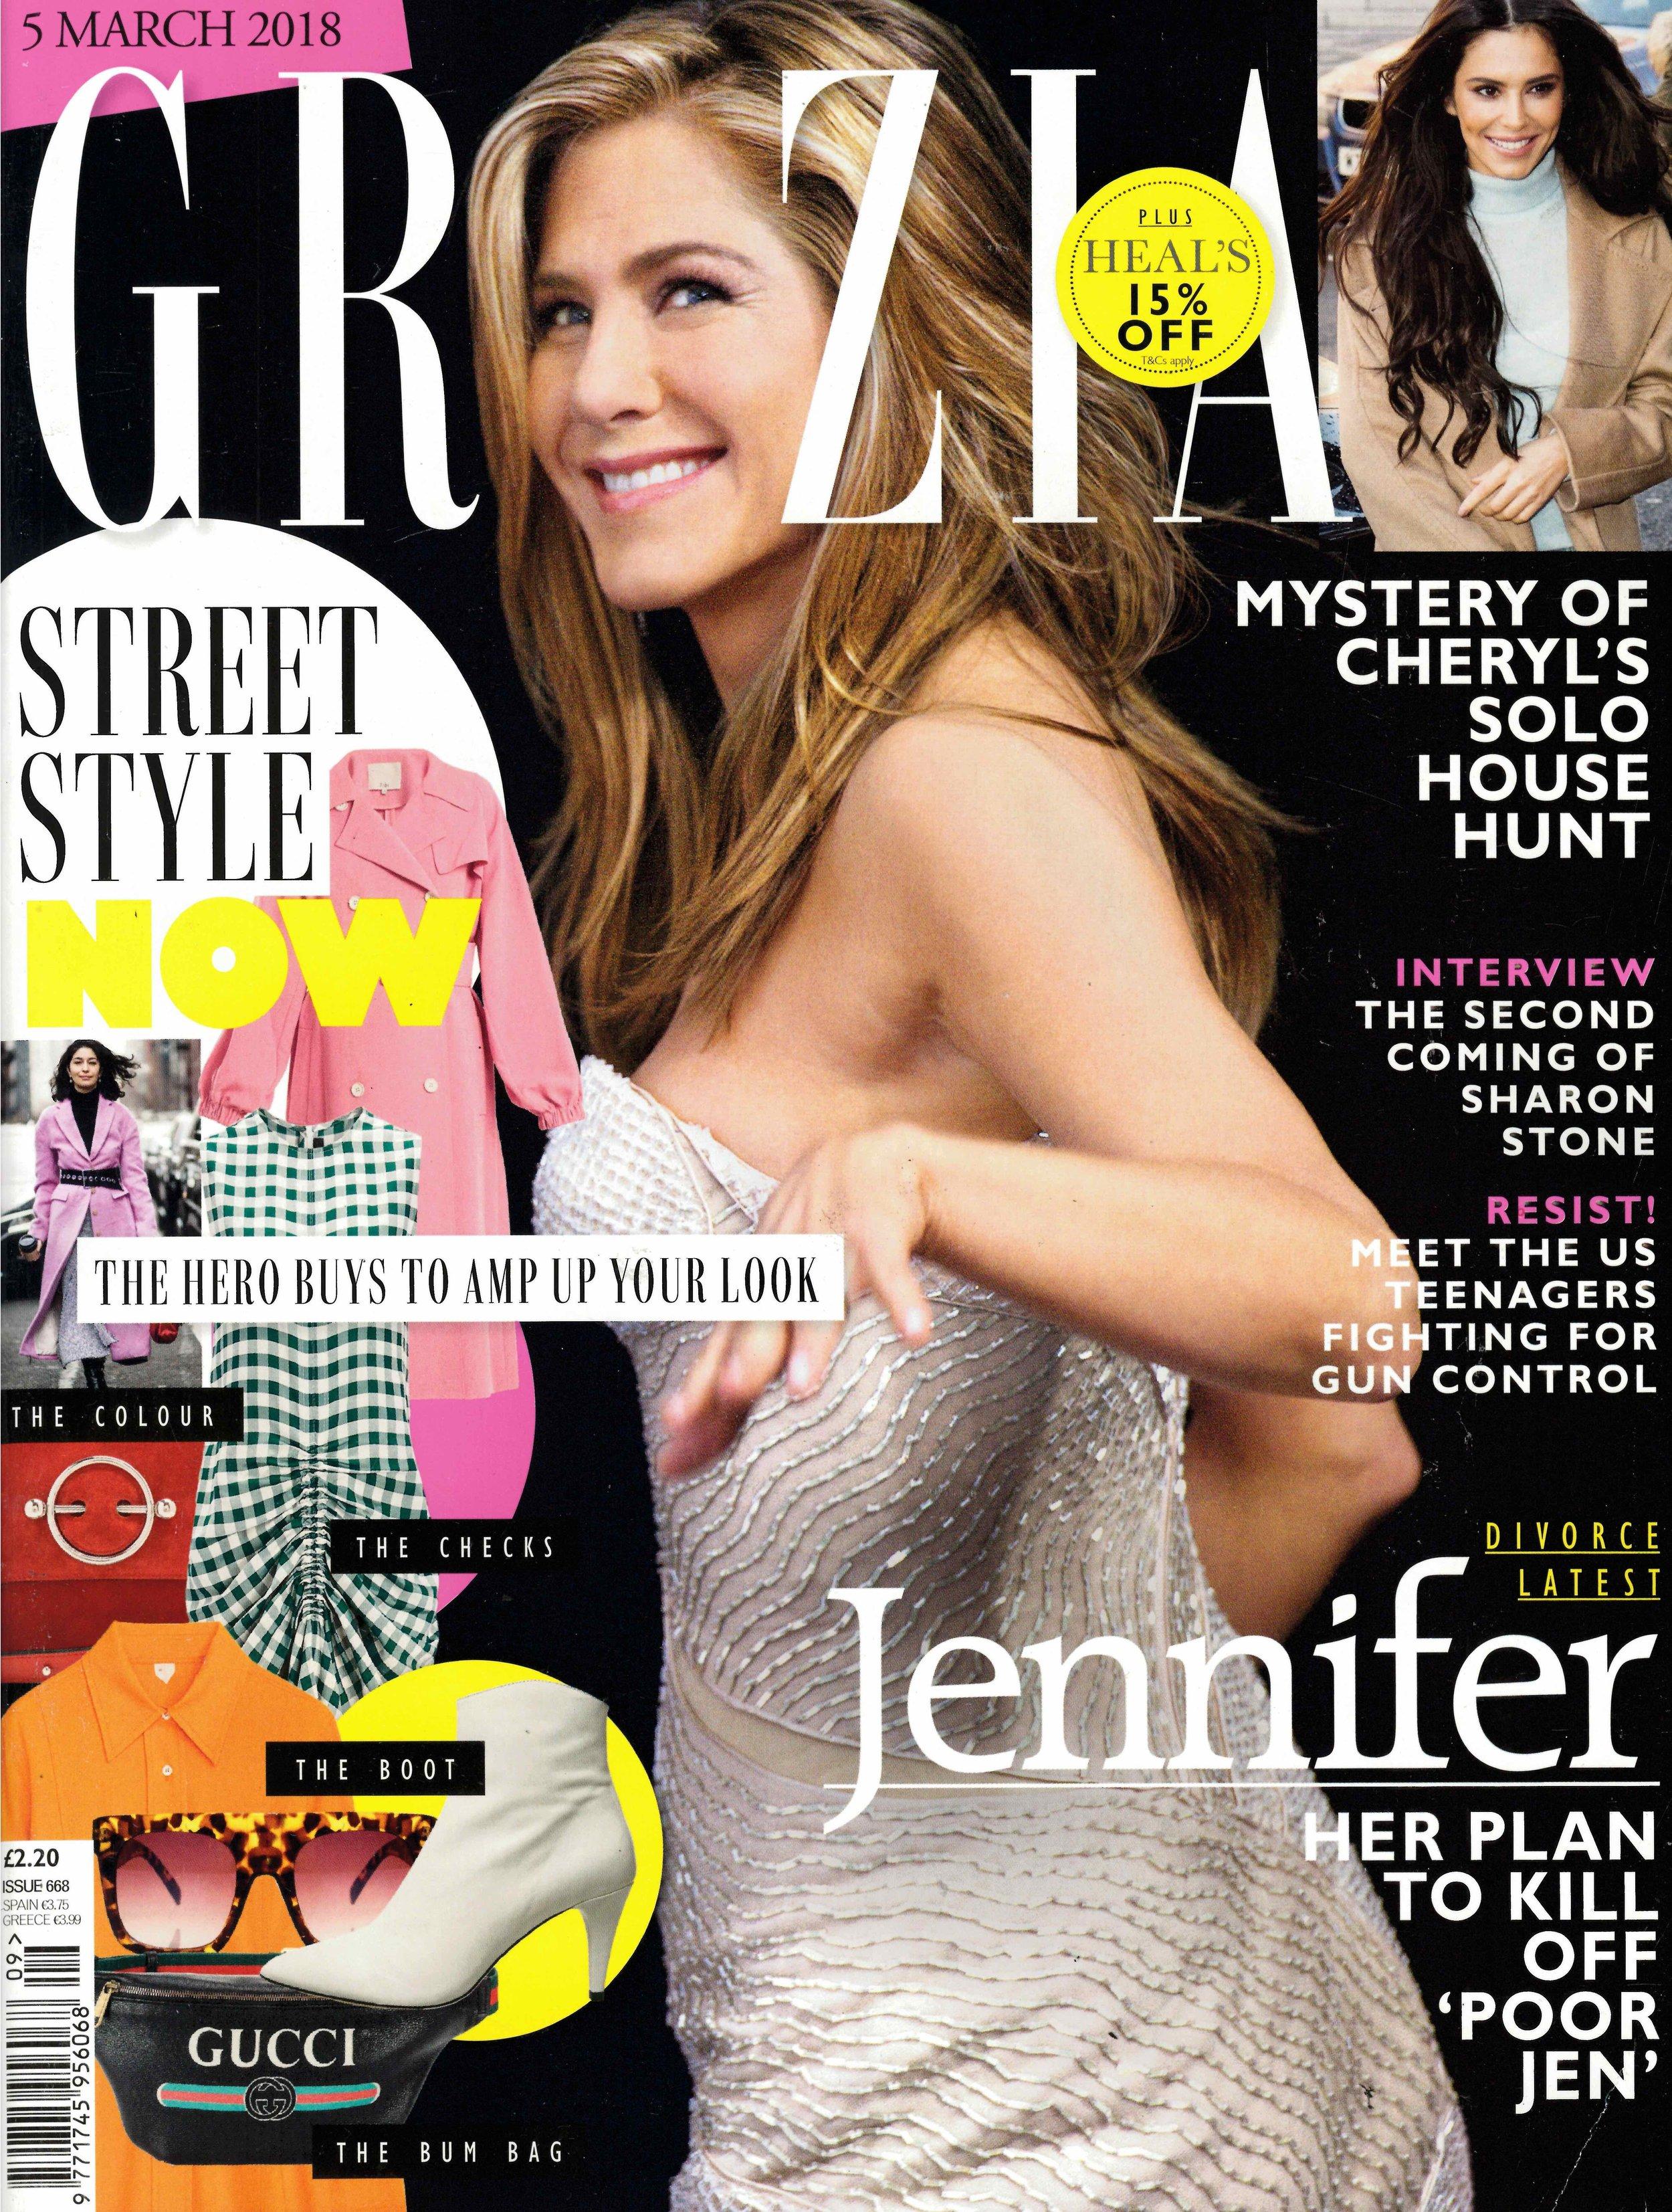 05.03.18 Grazia Magazine Cover - 1.jpg